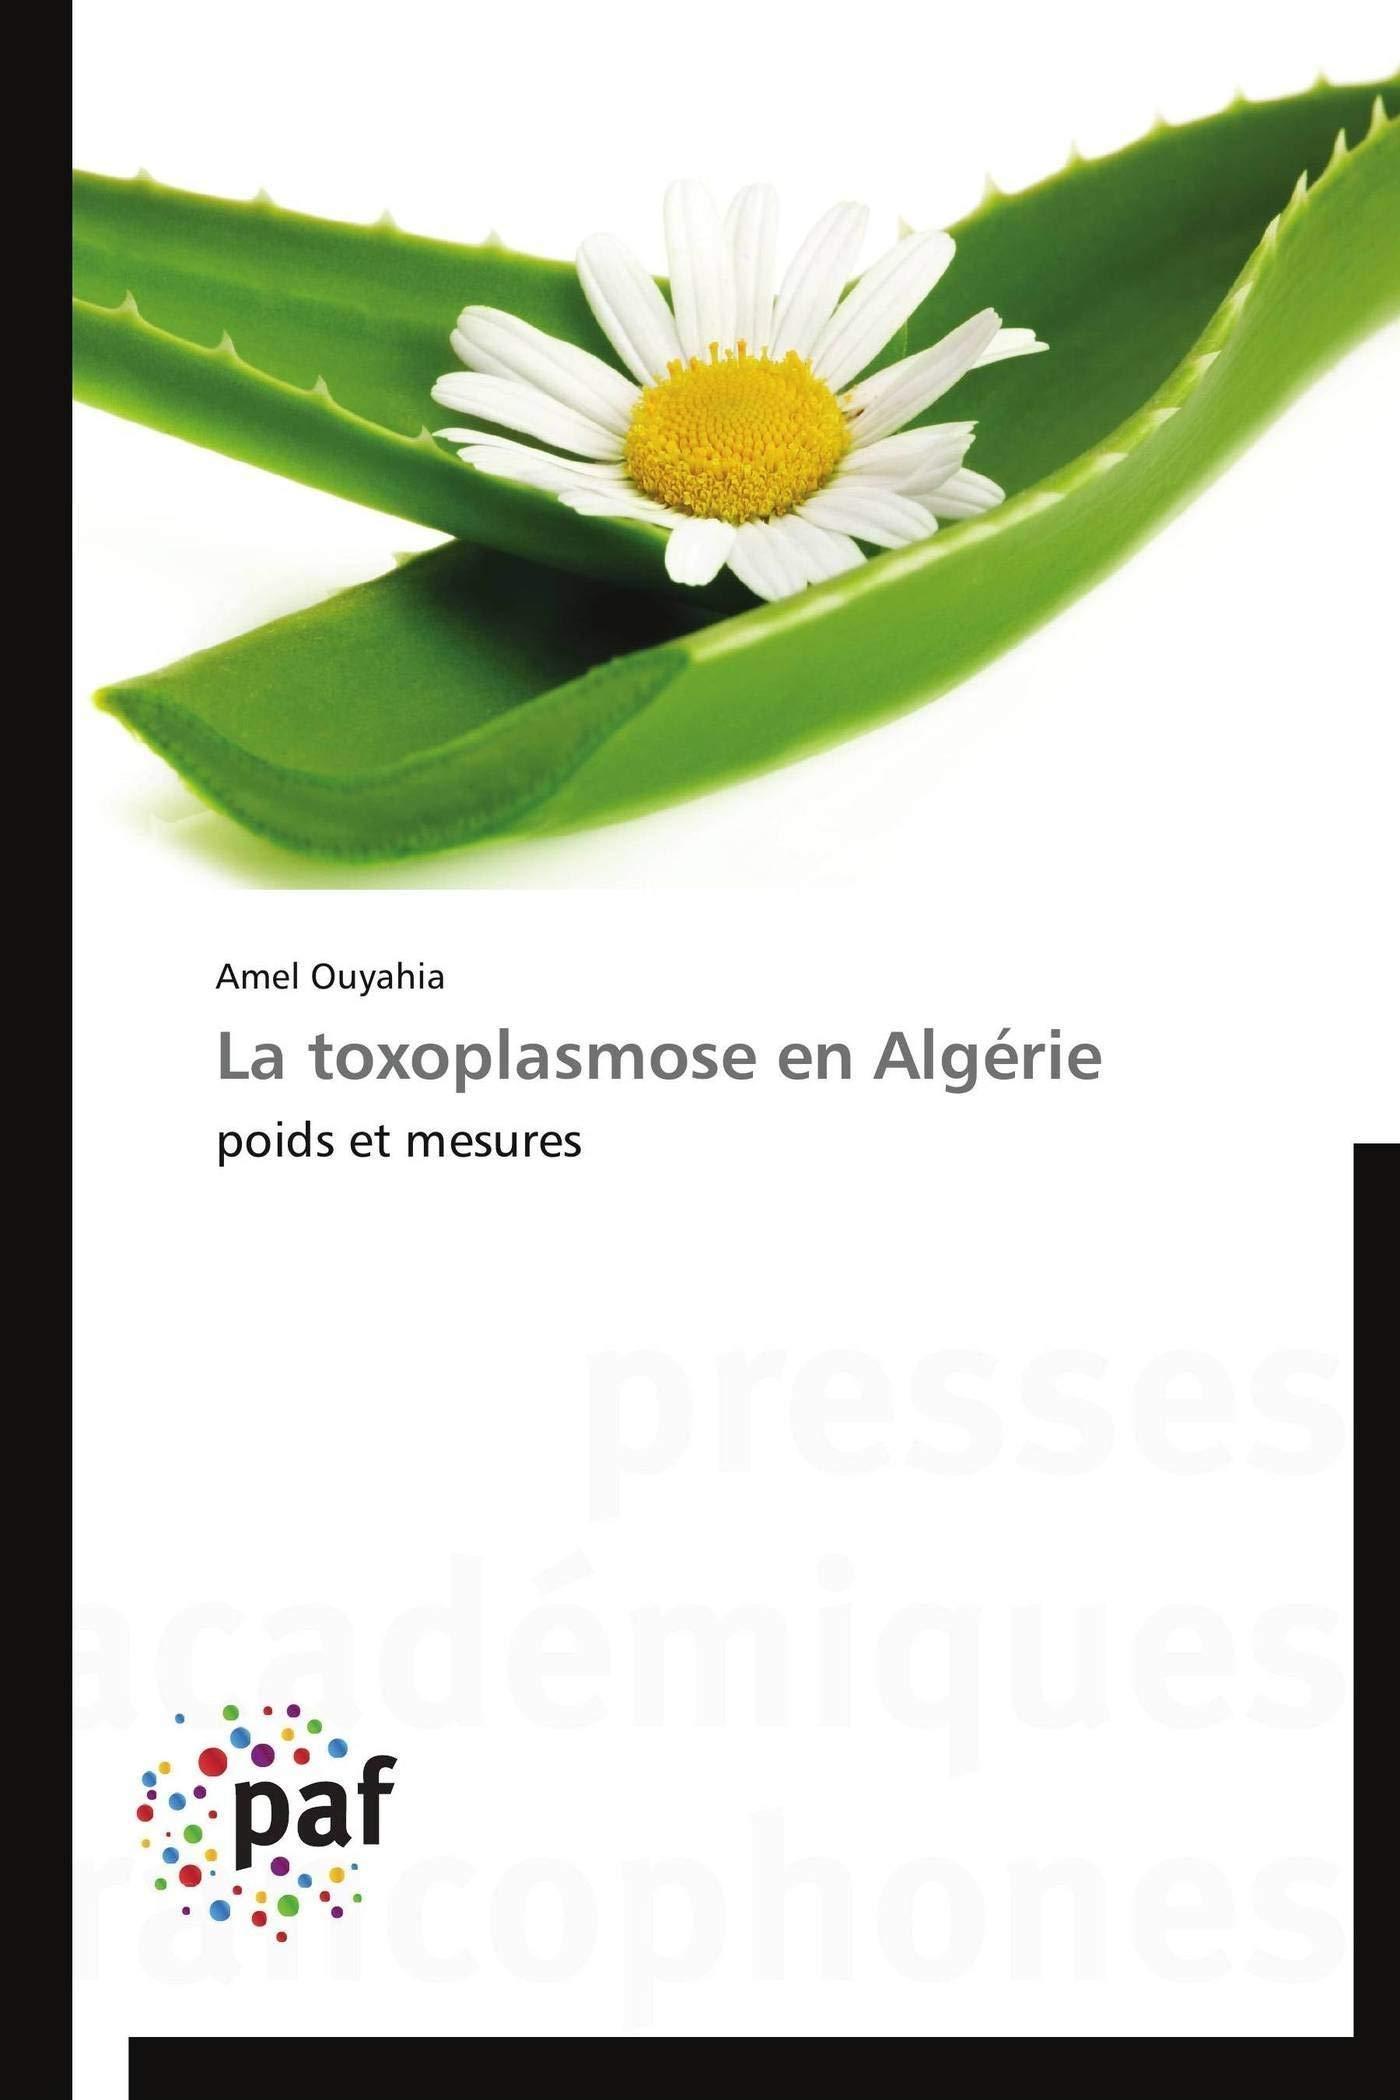 toxoplasmose e toxoplasma